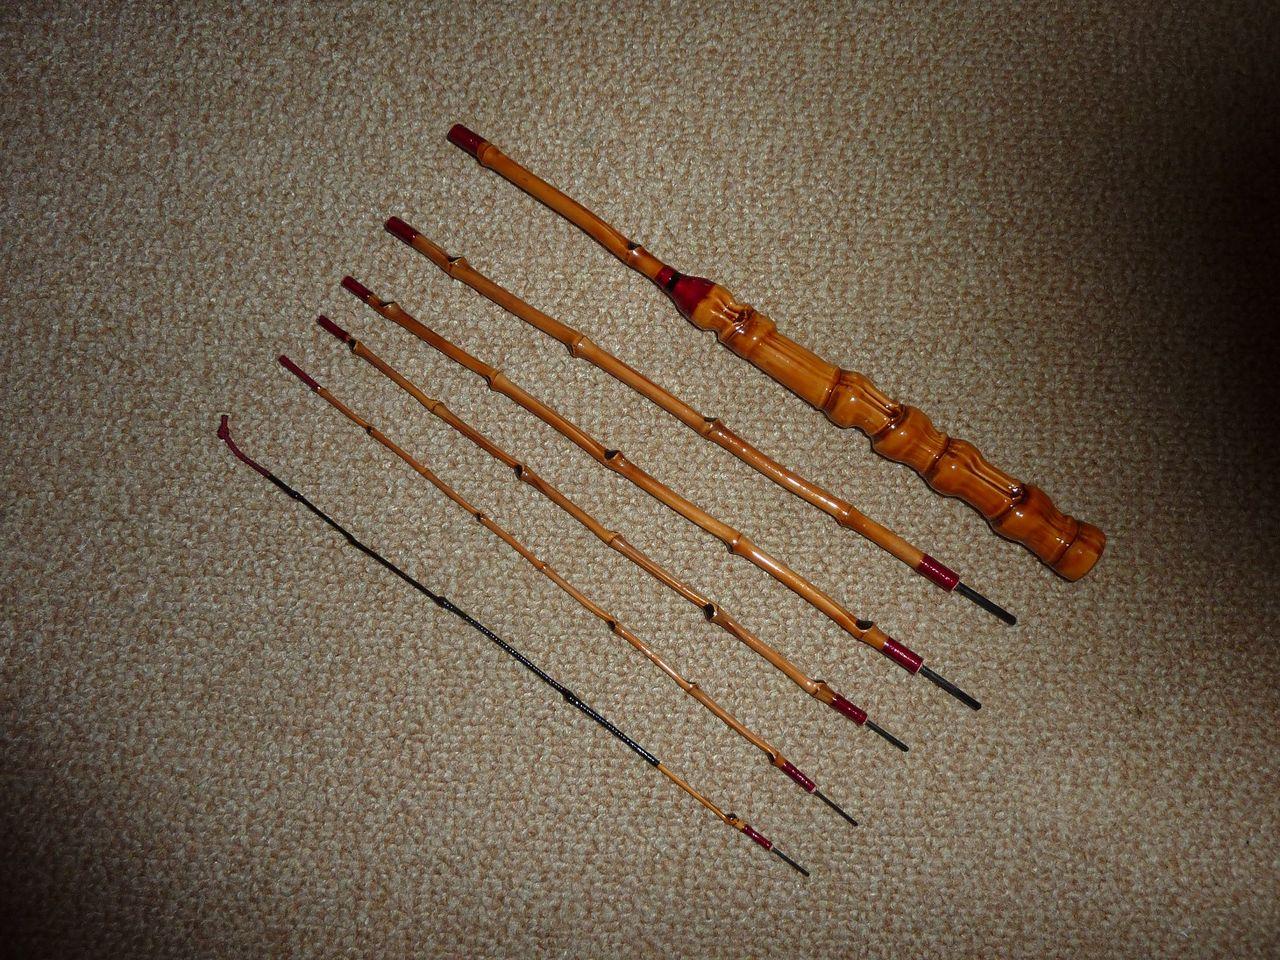 寒竹タナゴ竿の自作 : やまめ110番 やまめ110番 釣りのことやバイクのことを気ままに書いて